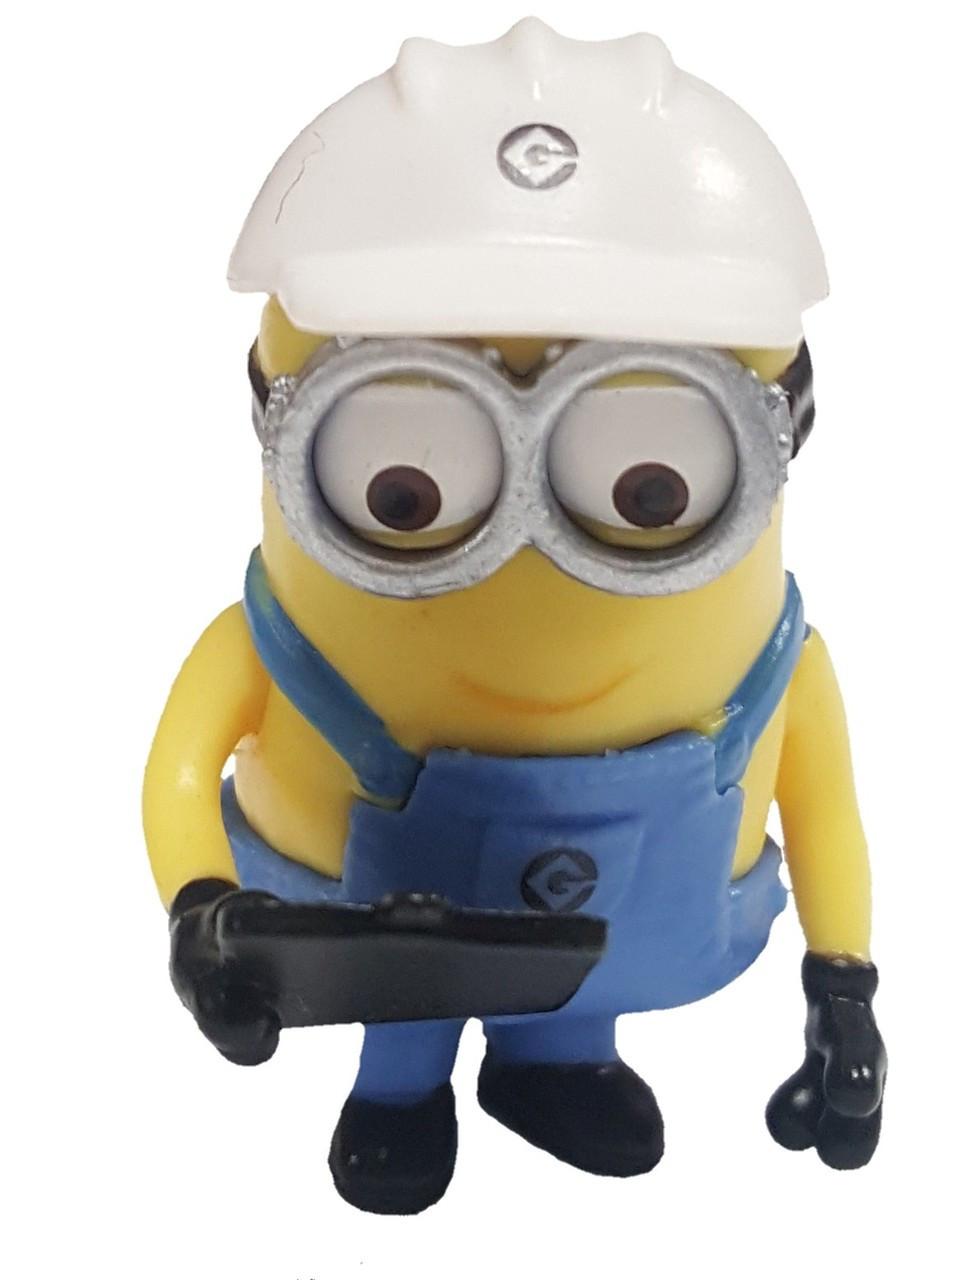 Despicable Me 2 Minion Surprise Minion Worker 2 Pvc Figure Loose